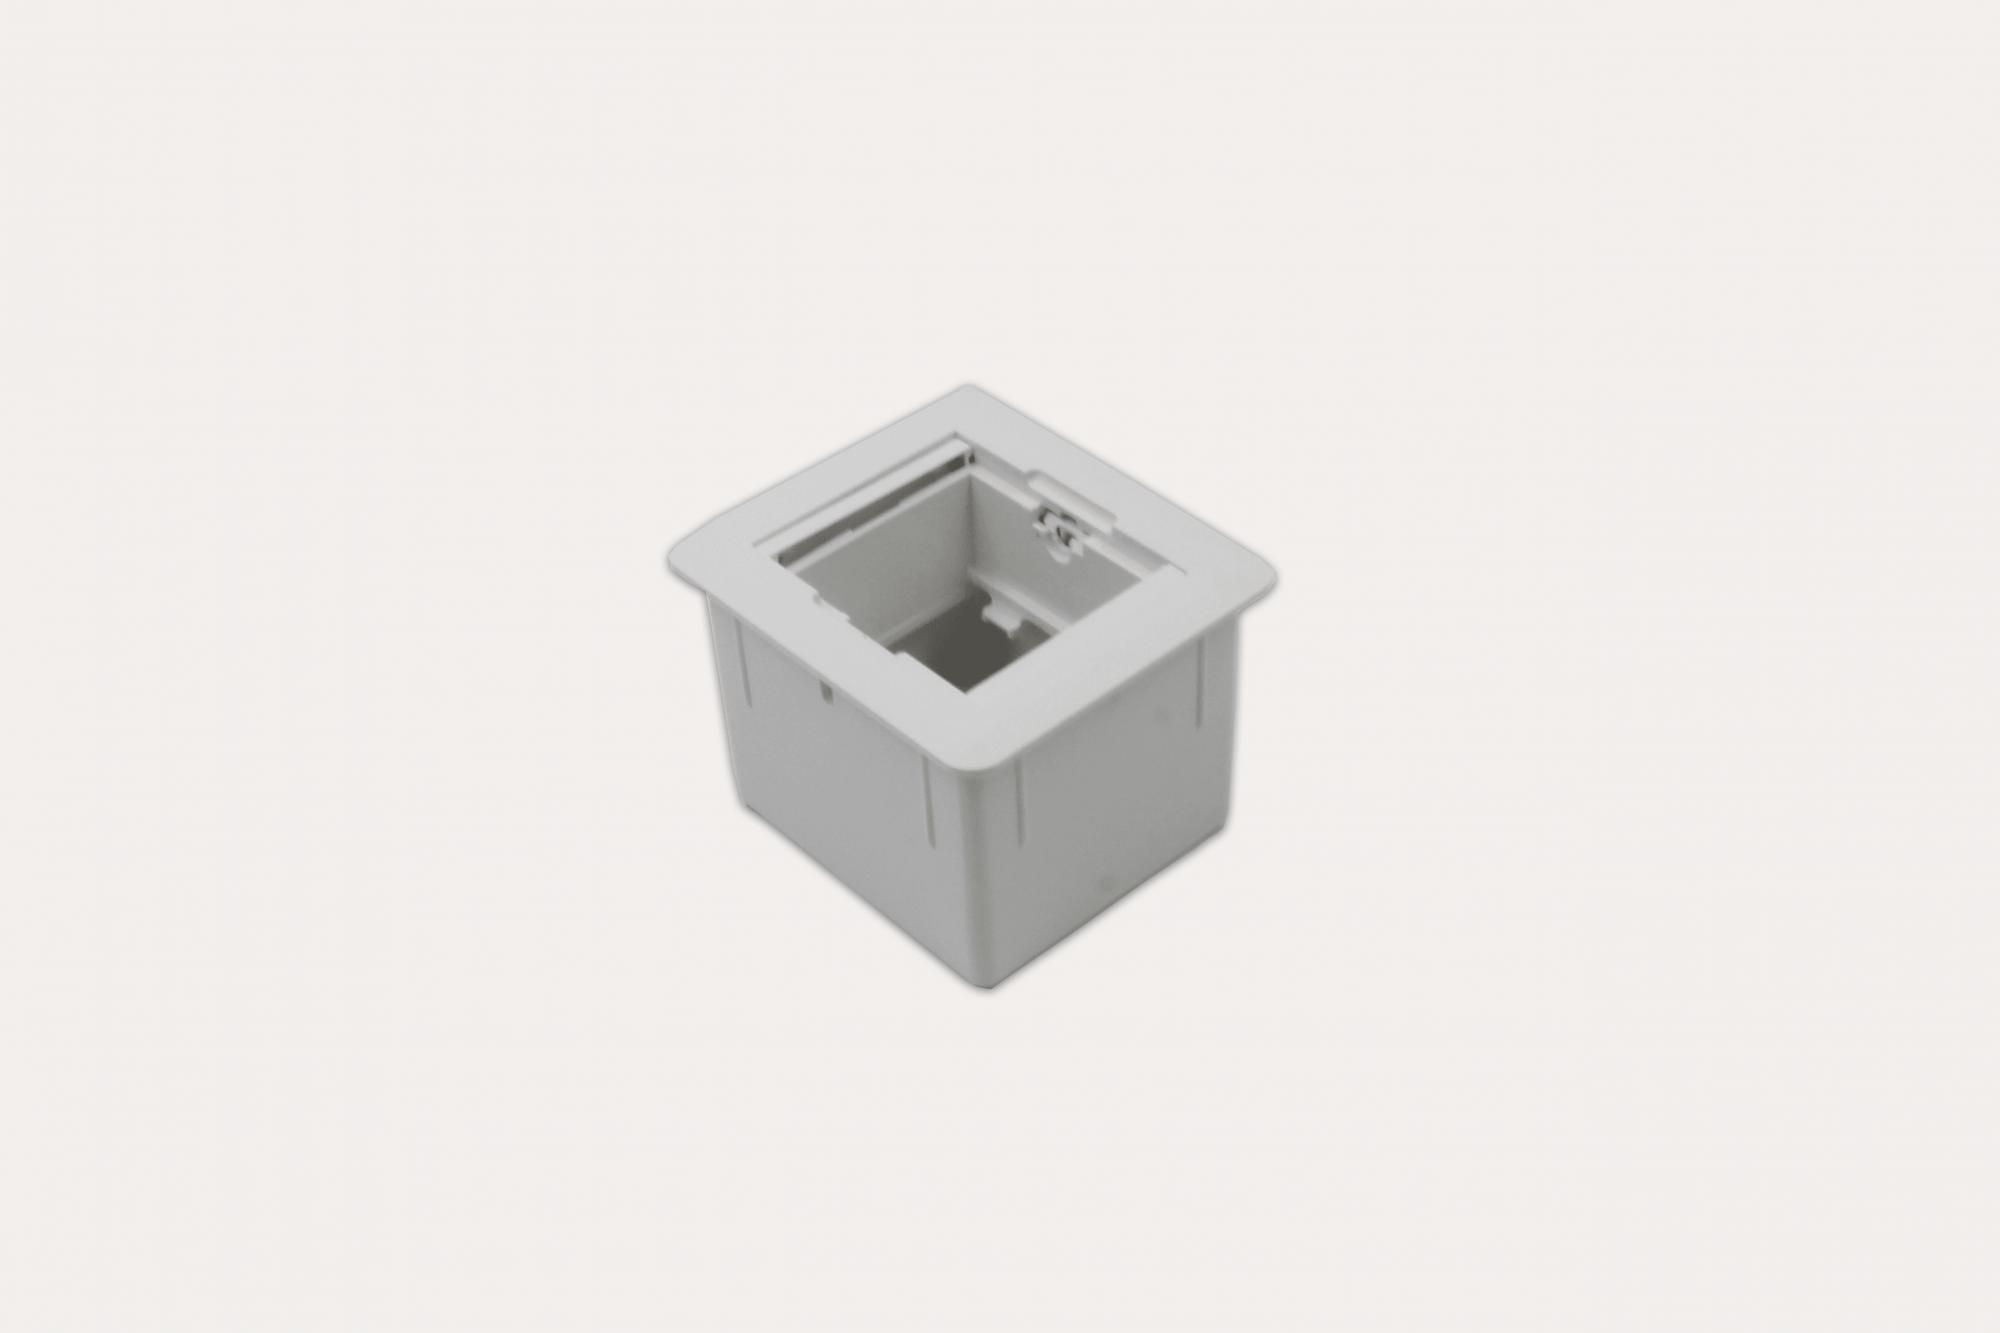 Caixa Universal Quadrada 2 blocos Com Fundo - Branca (Vazia)